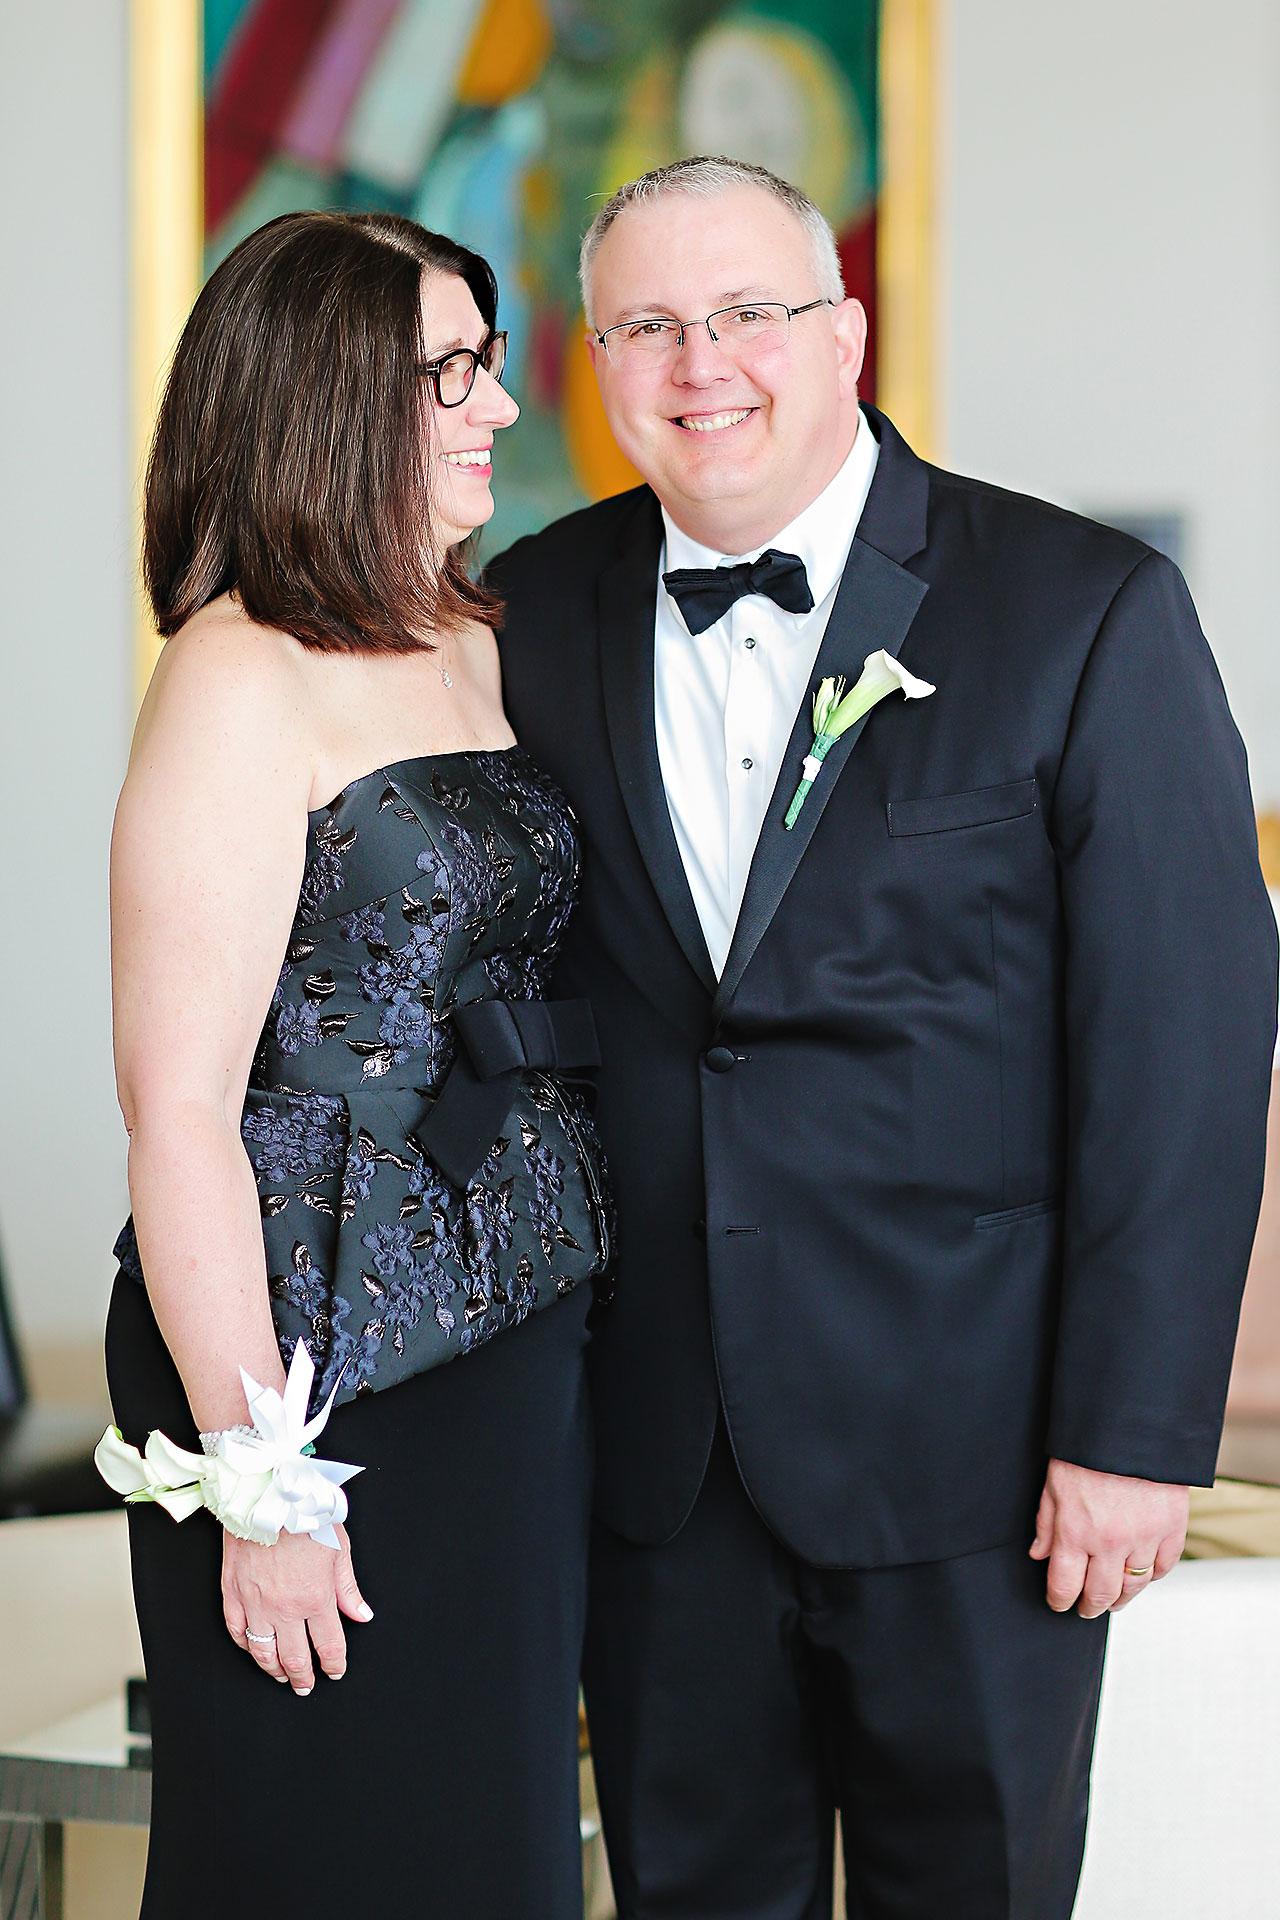 Ali Joey Conrad Indianapolis Wedding 066